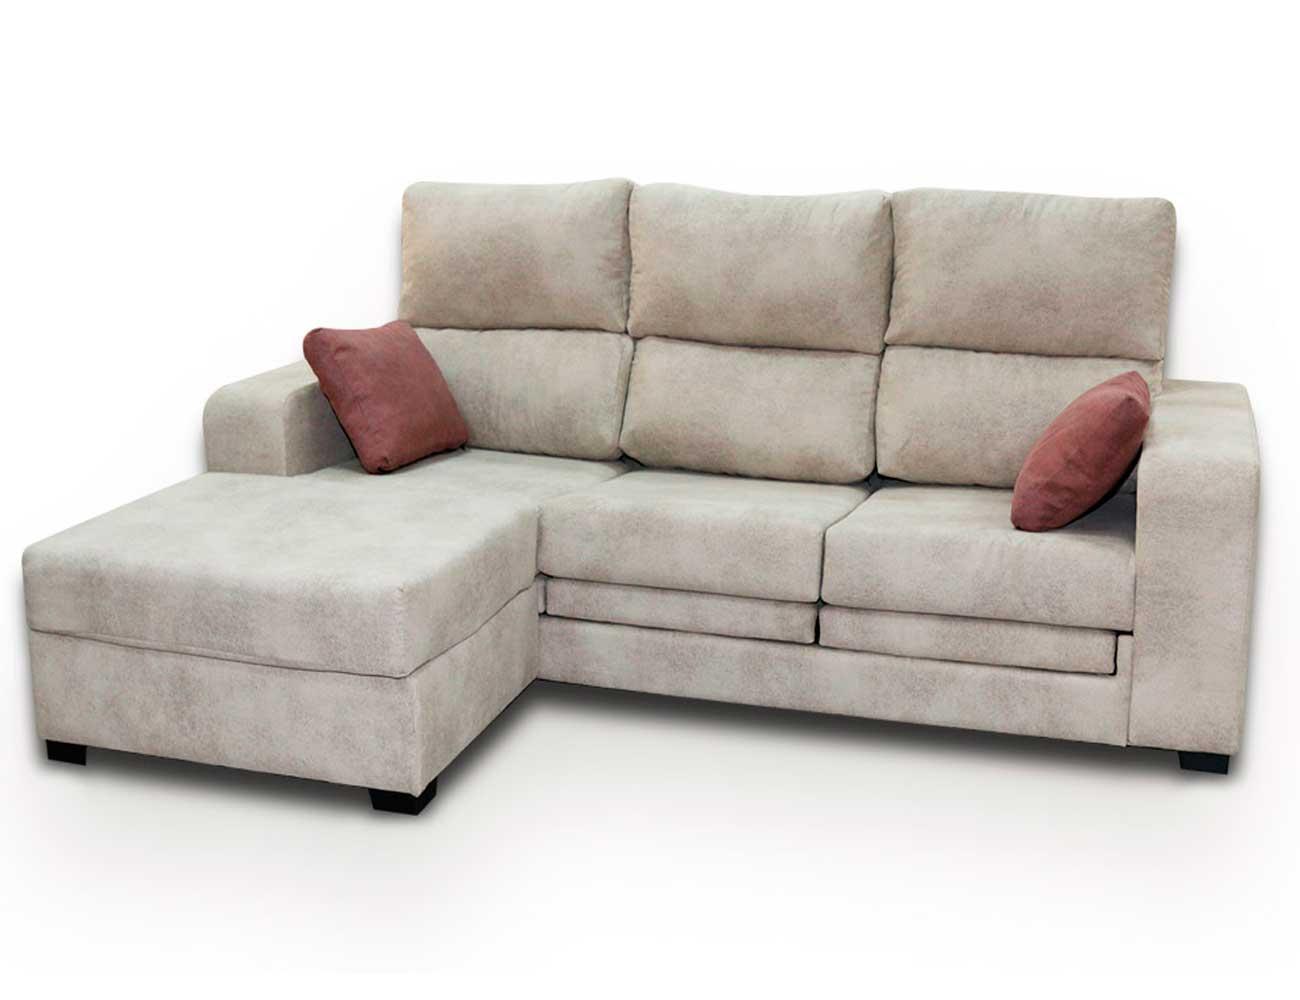 Sofa 3p puff reversible4